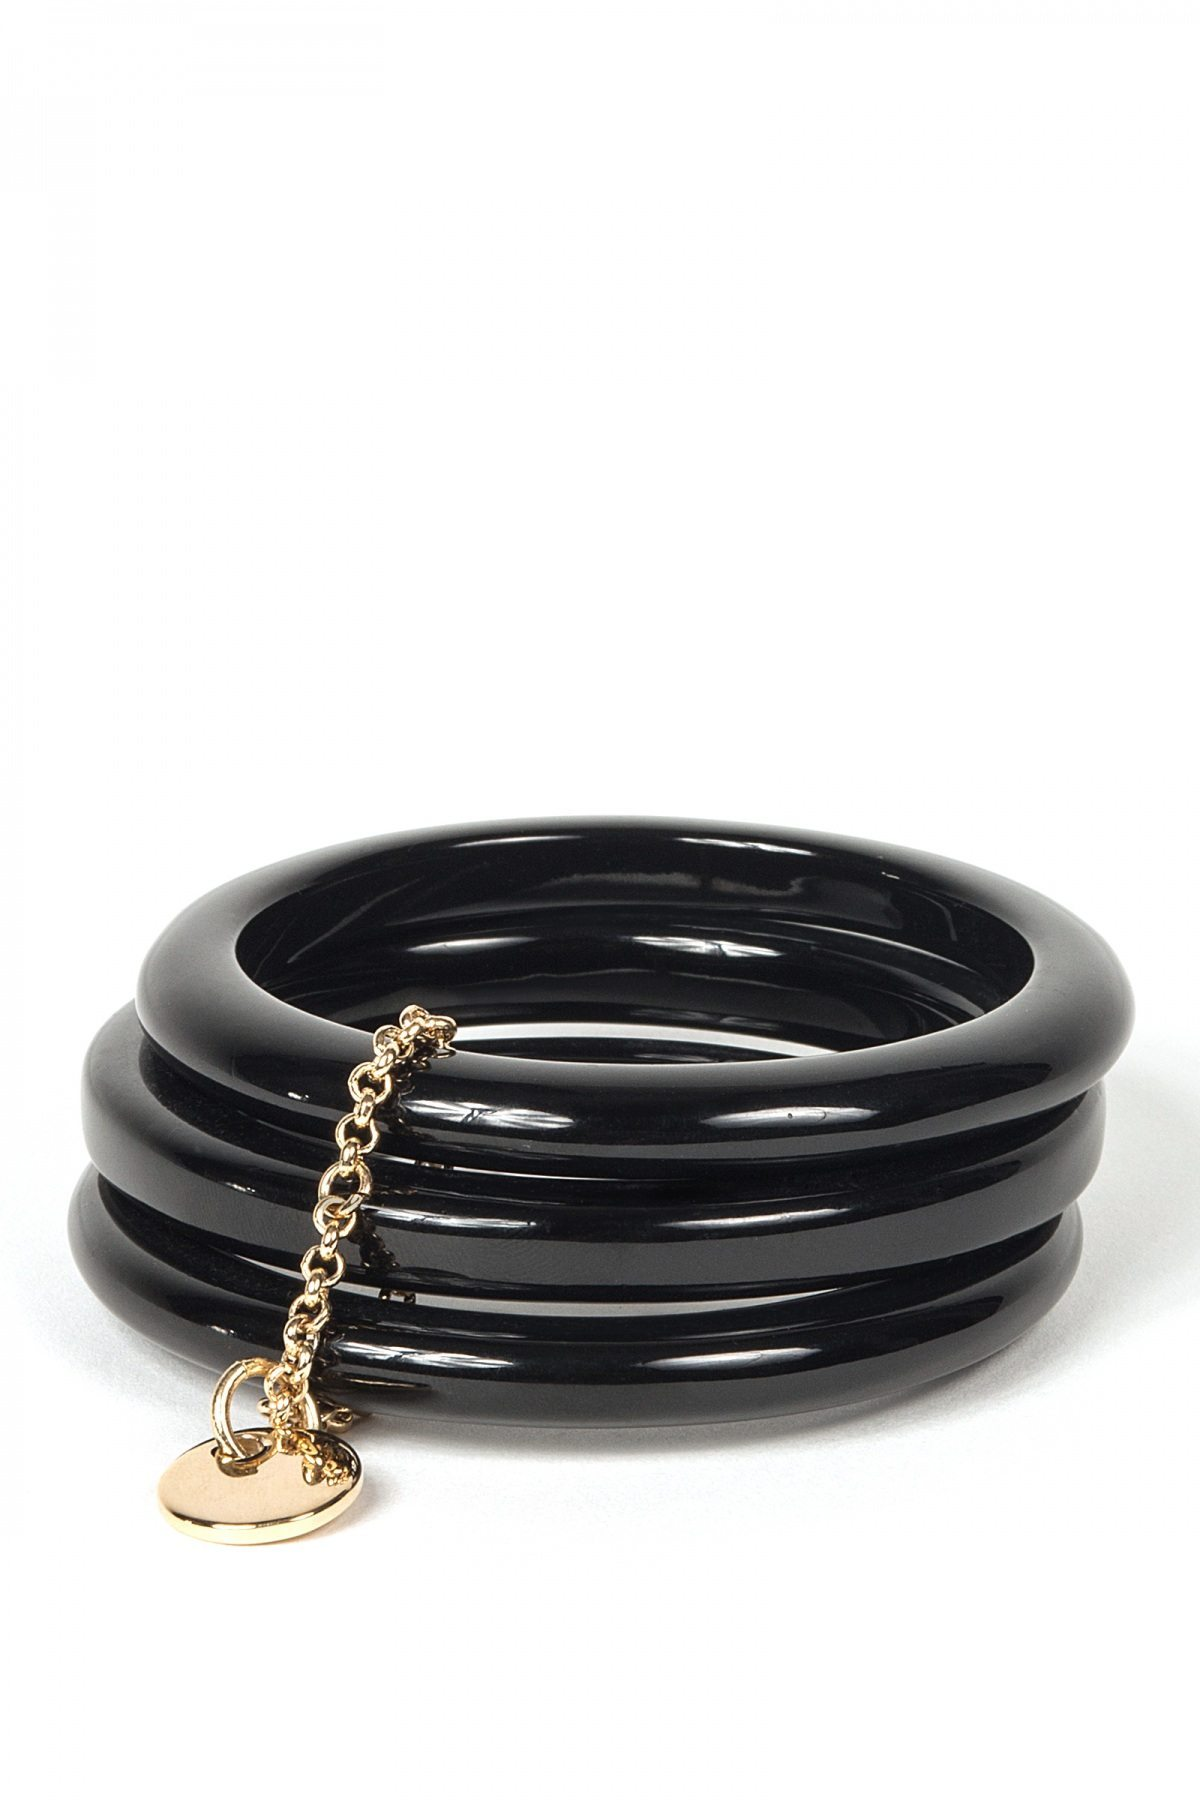 Bratara neagra cu lant auriu Negru